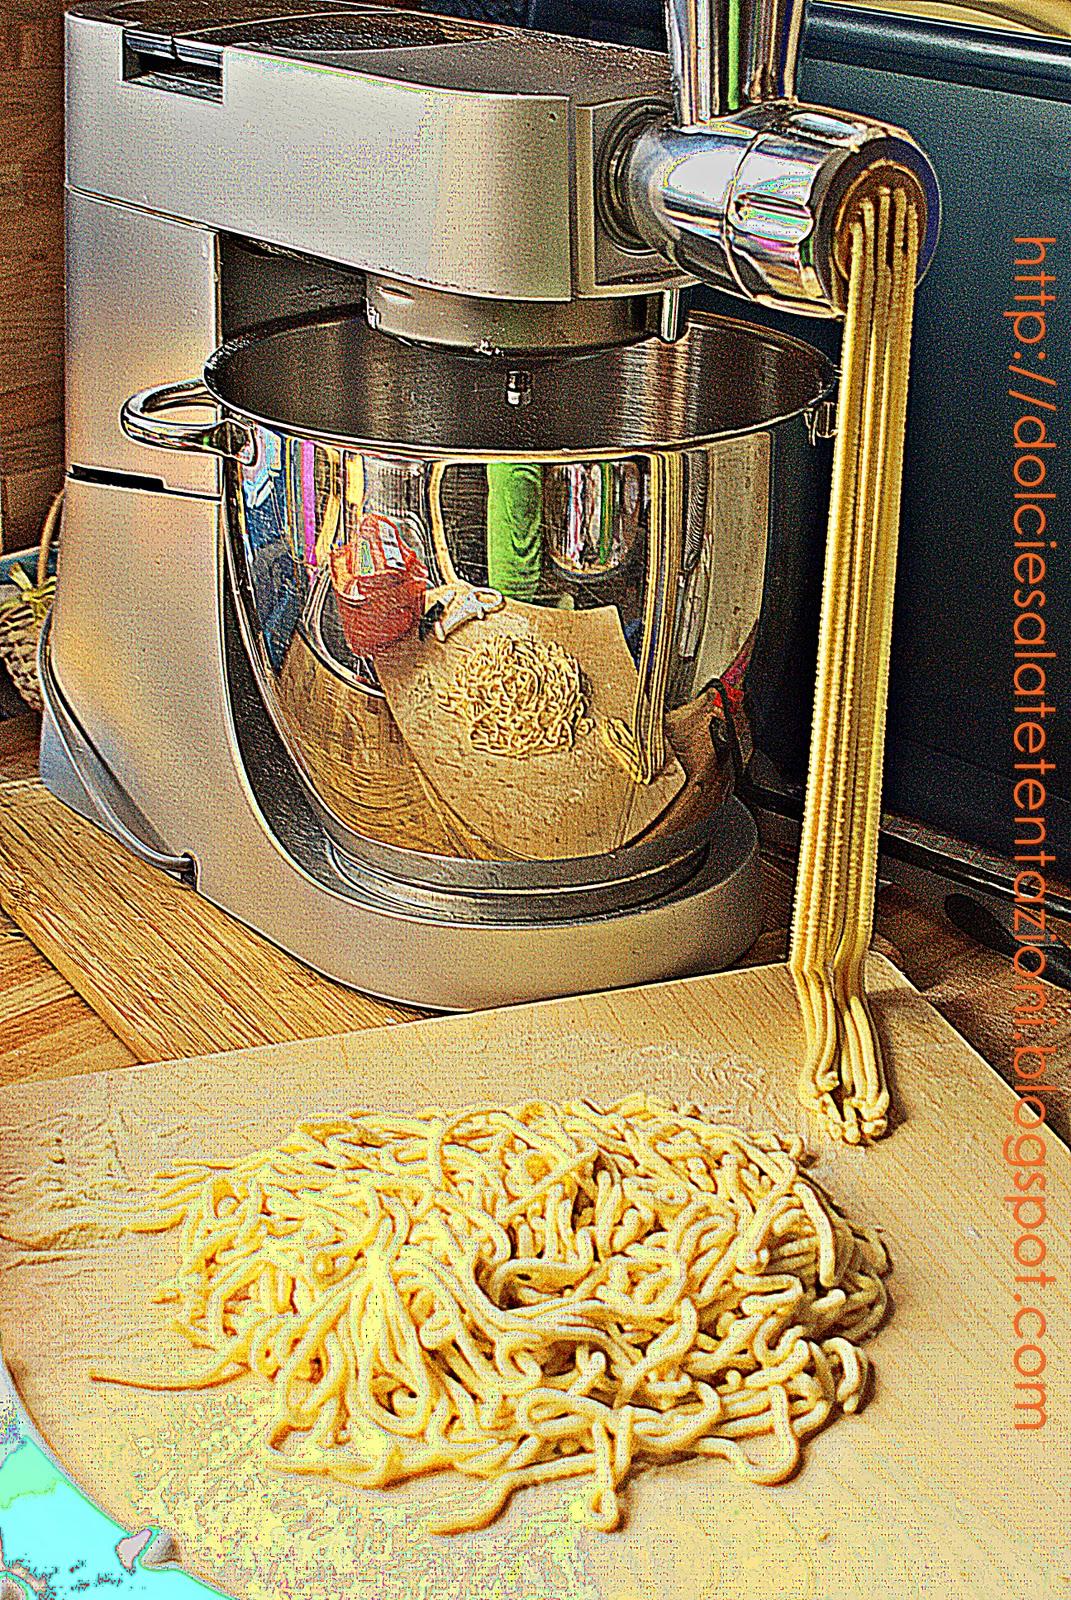 Dolci e salate tentazioni bigoli in salsa bigoi in salsa - Appunti dalla mia cucina ...